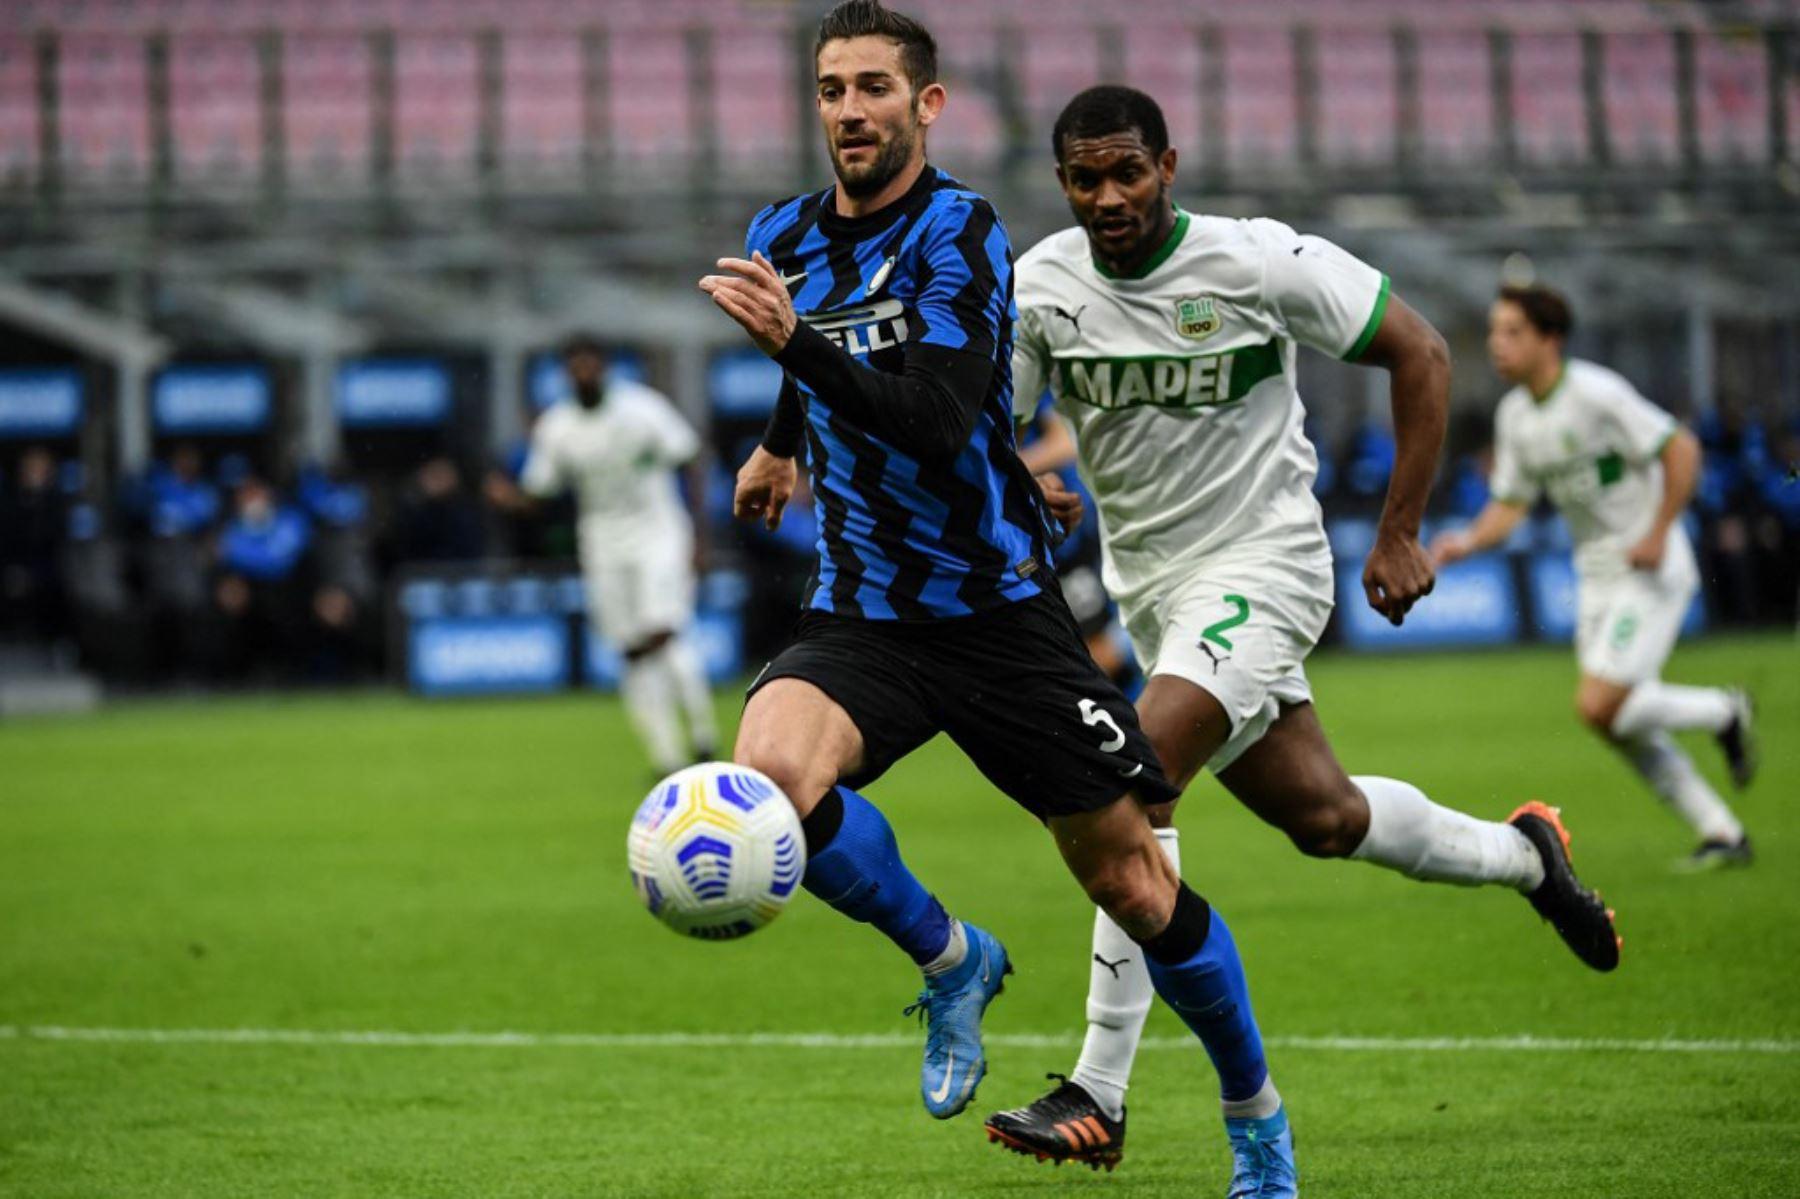 El centrocampista italiano del Inter de Milán Roberto Gagliardini (C) supera al defensor brasileño del Sassuolo, Marlon, durante el partido de fútbol de la Serie A italiana Inter de Milán vs Sassuolo.  Foto:AFP